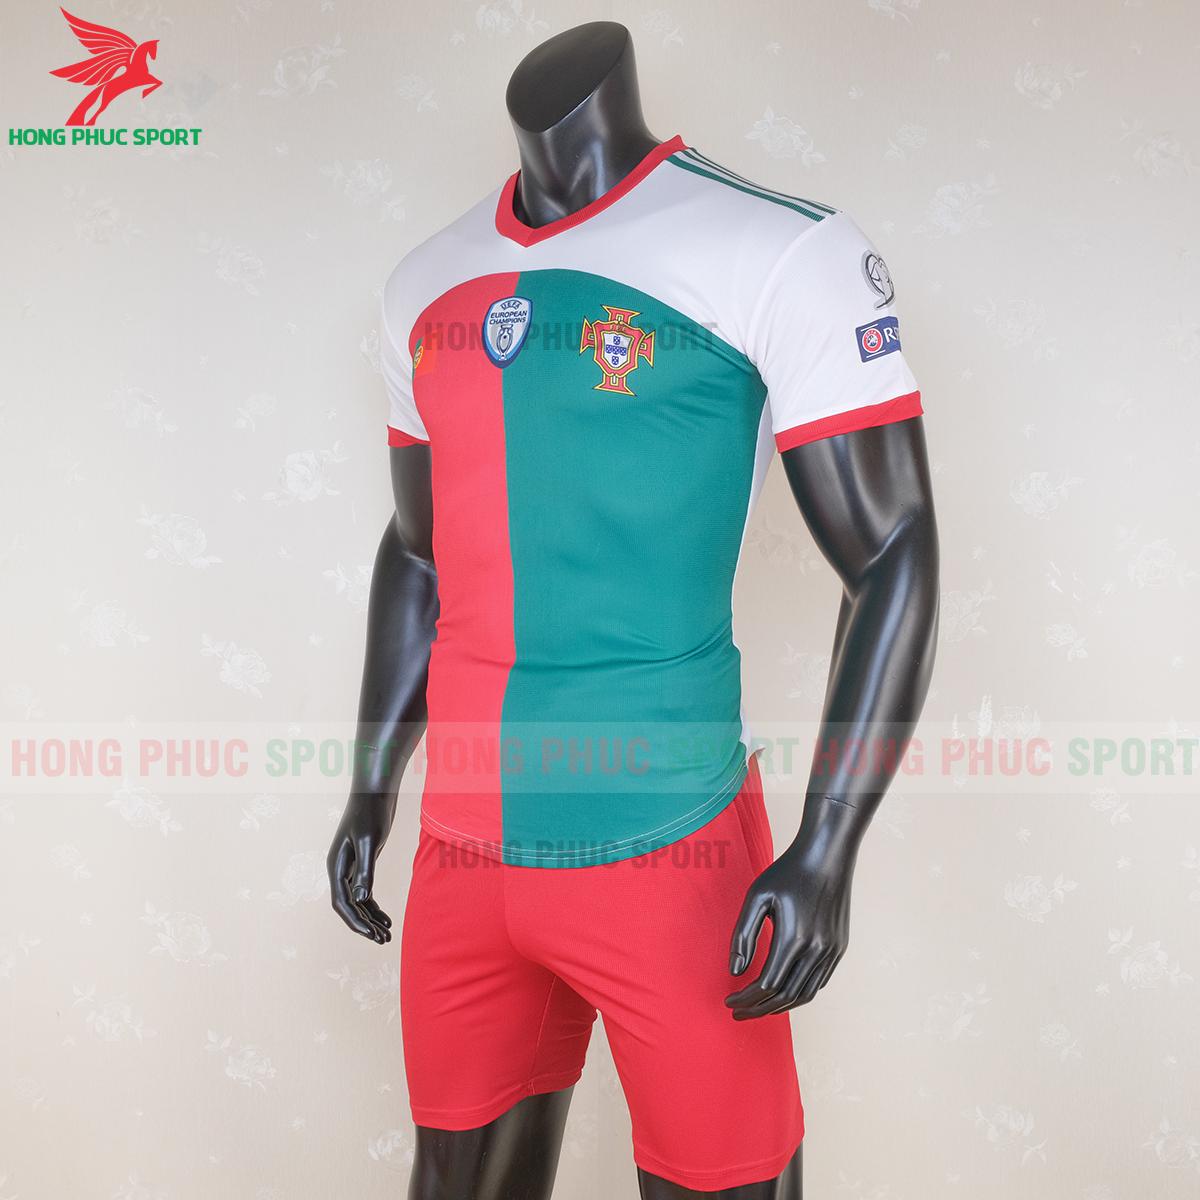 https://cdn.hongphucsport.com/unsafe/s4.shopbay.vn/files/285/ao-tuyen-bo-dao-nha-2020-2021-phien-ban-fan-hang-thailand-6-5f6ec9f855a42.png